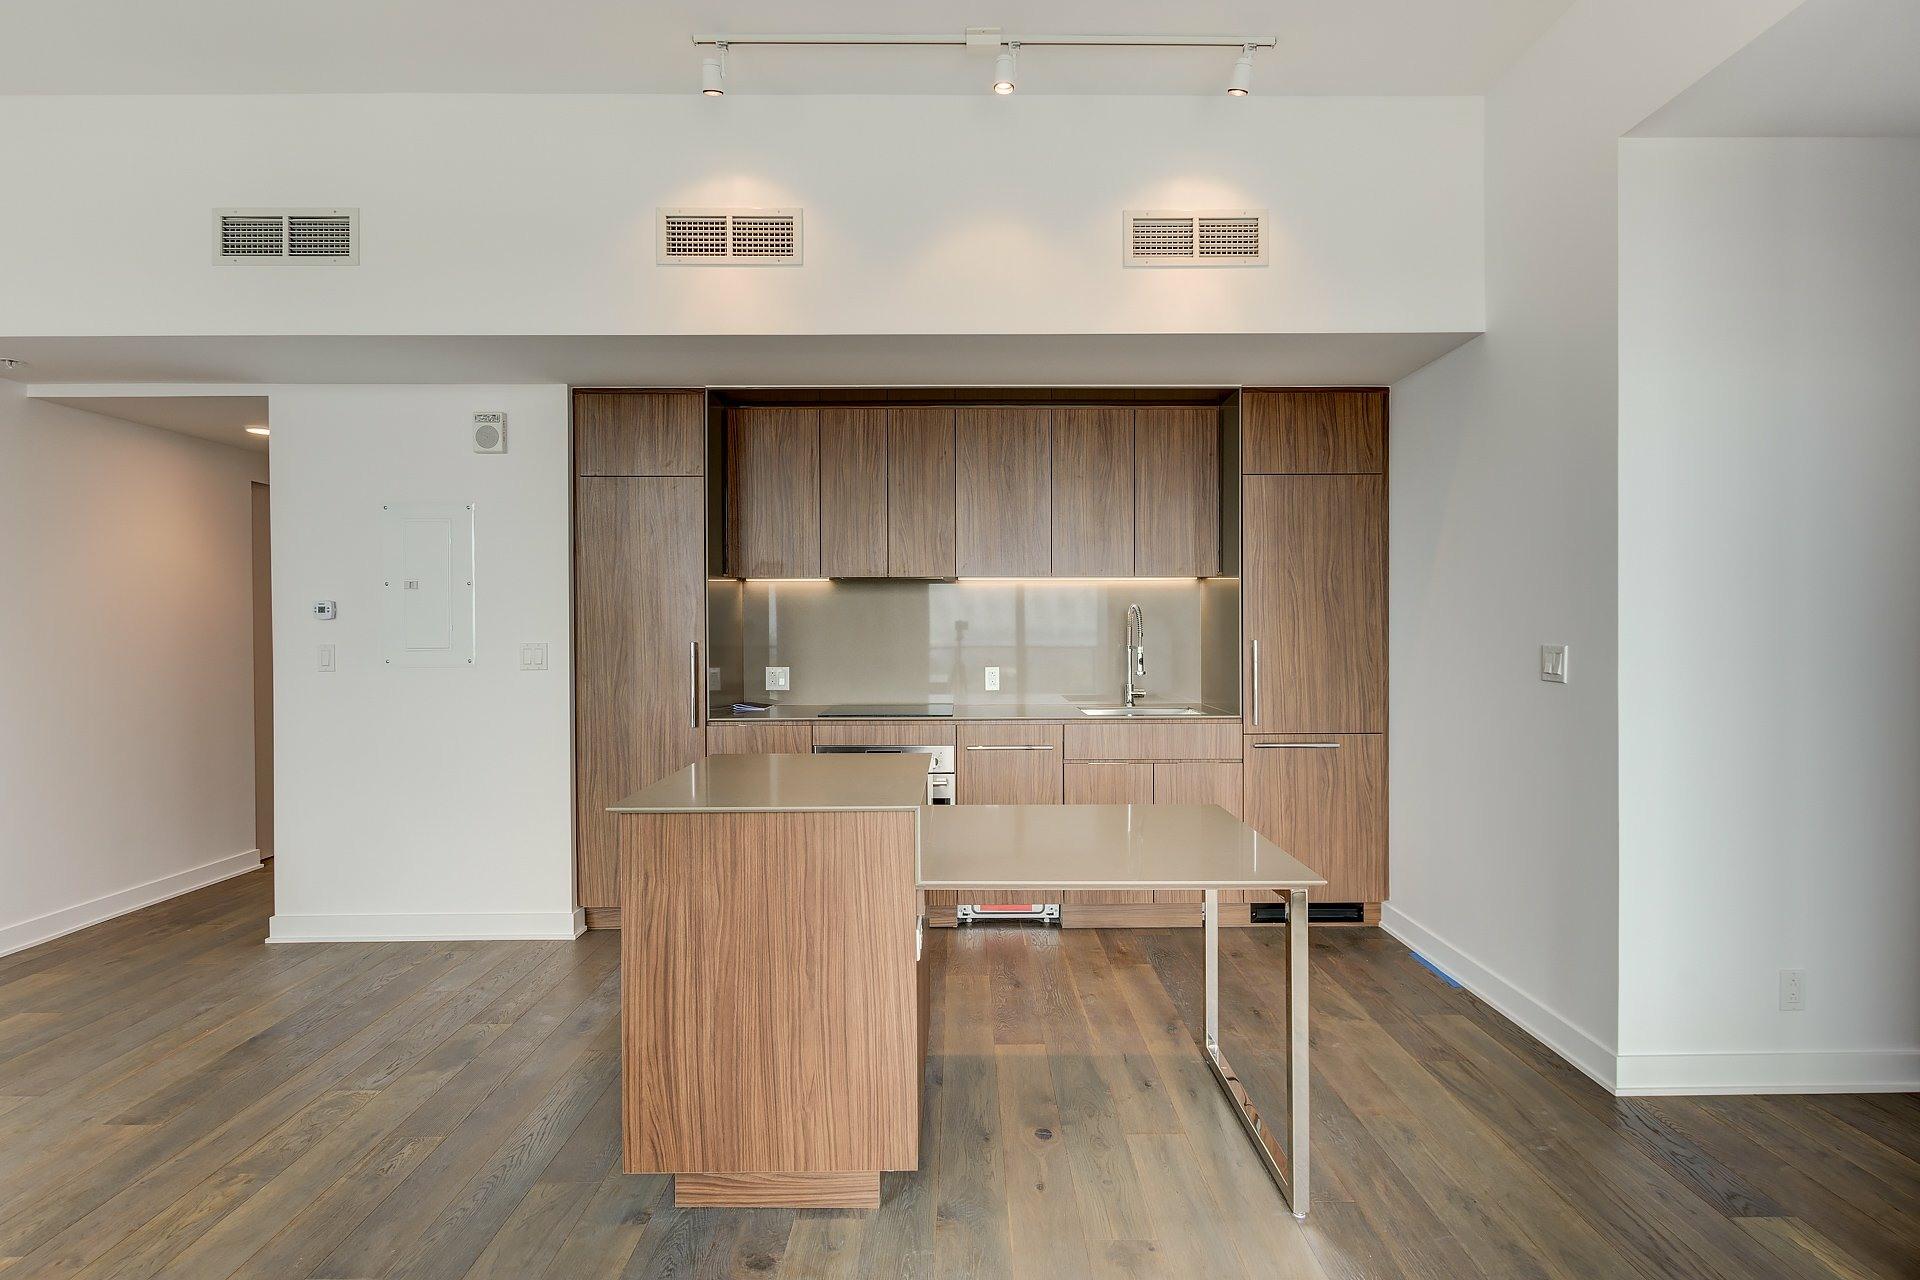 image 4 - Appartement À louer Montréal Ville-Marie  - 4 pièces